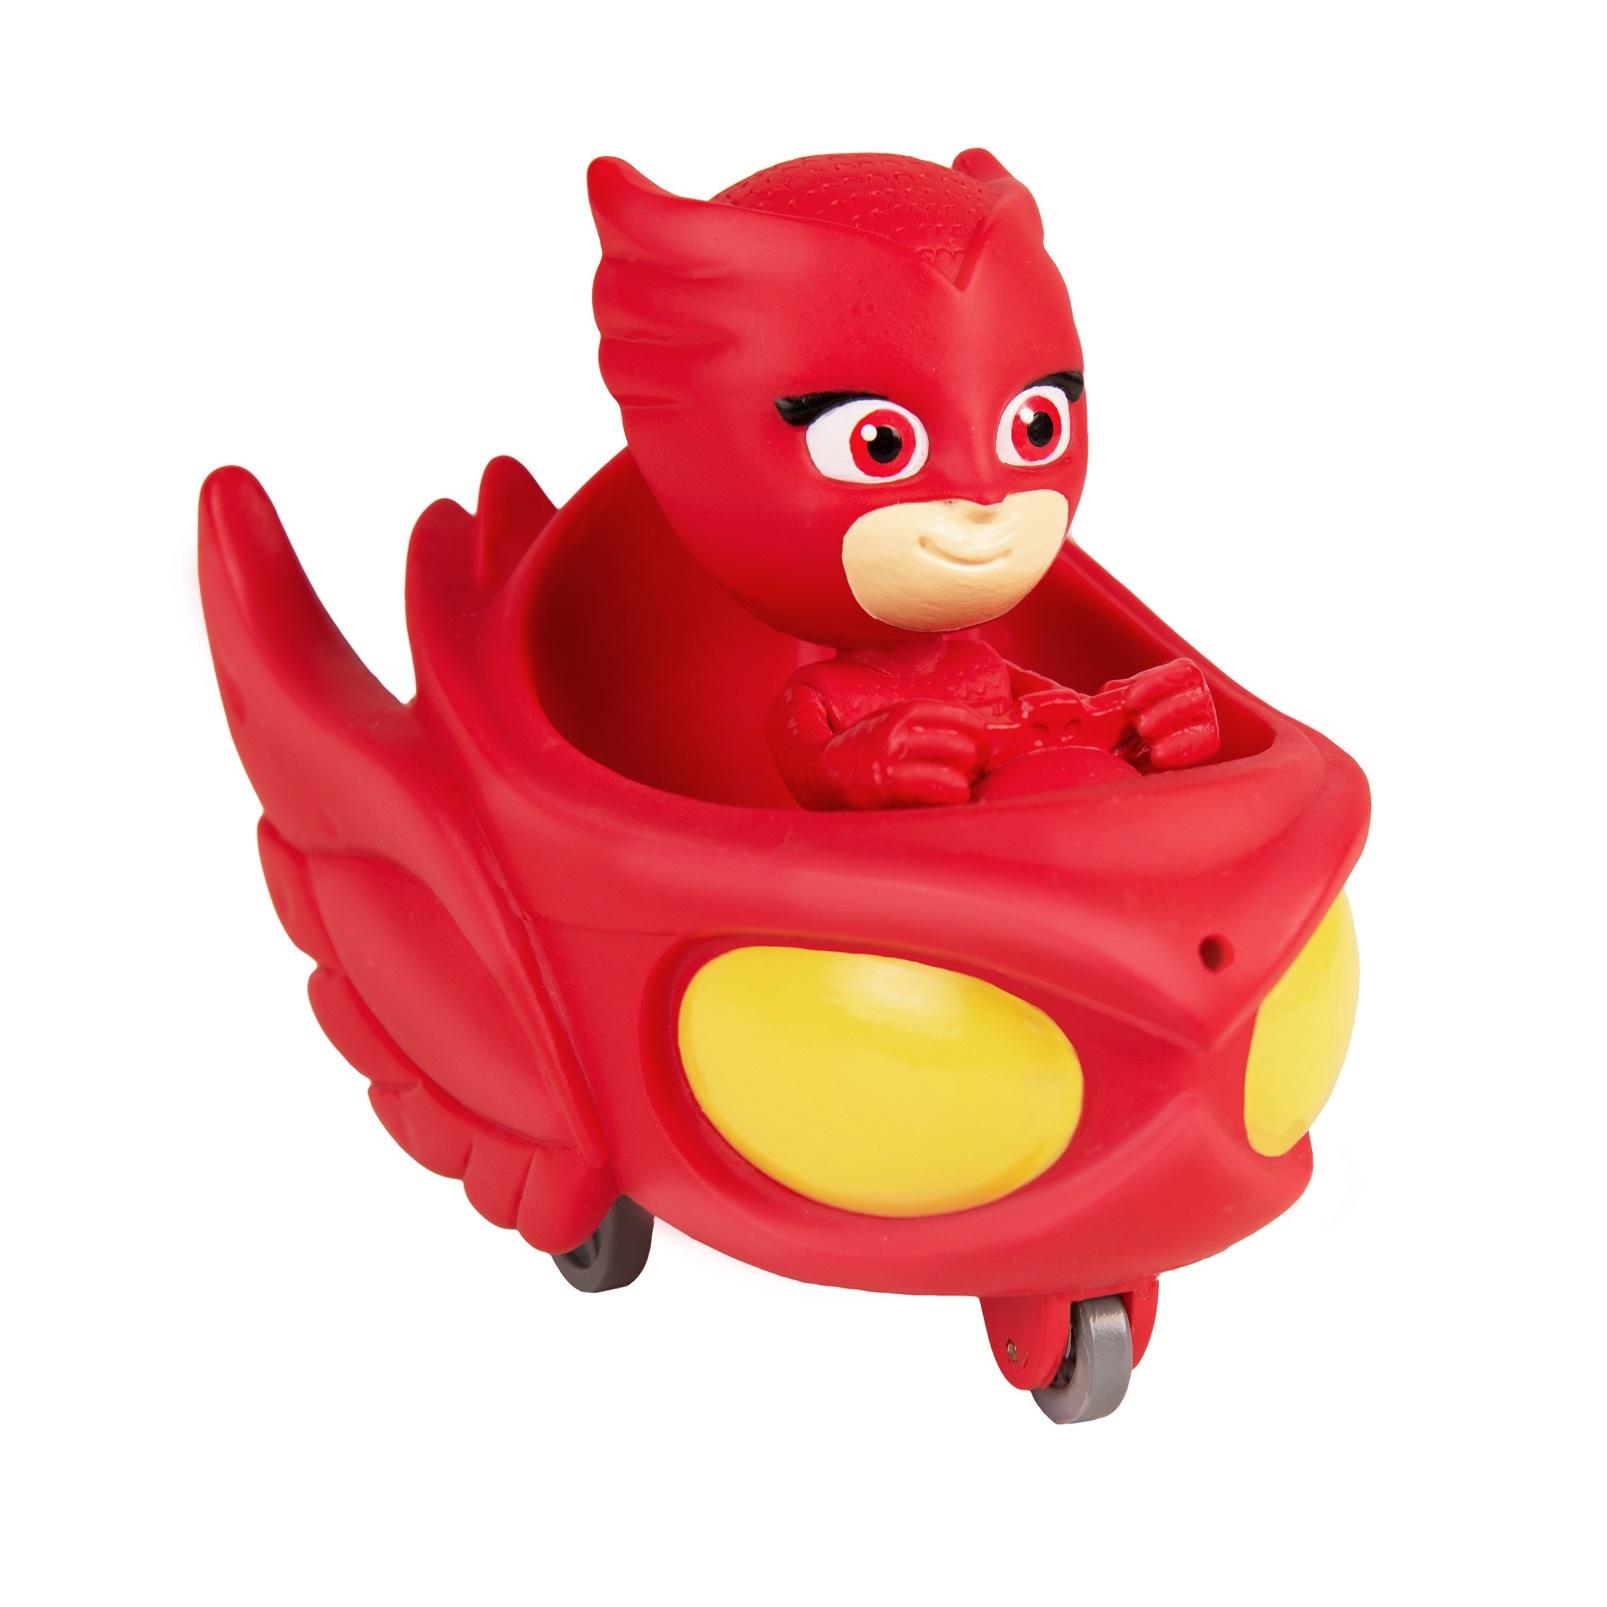 Купить Игрушка для ванны - Алетт в машине из серии Герои в масках ТМ PJ Masks, Росмэн